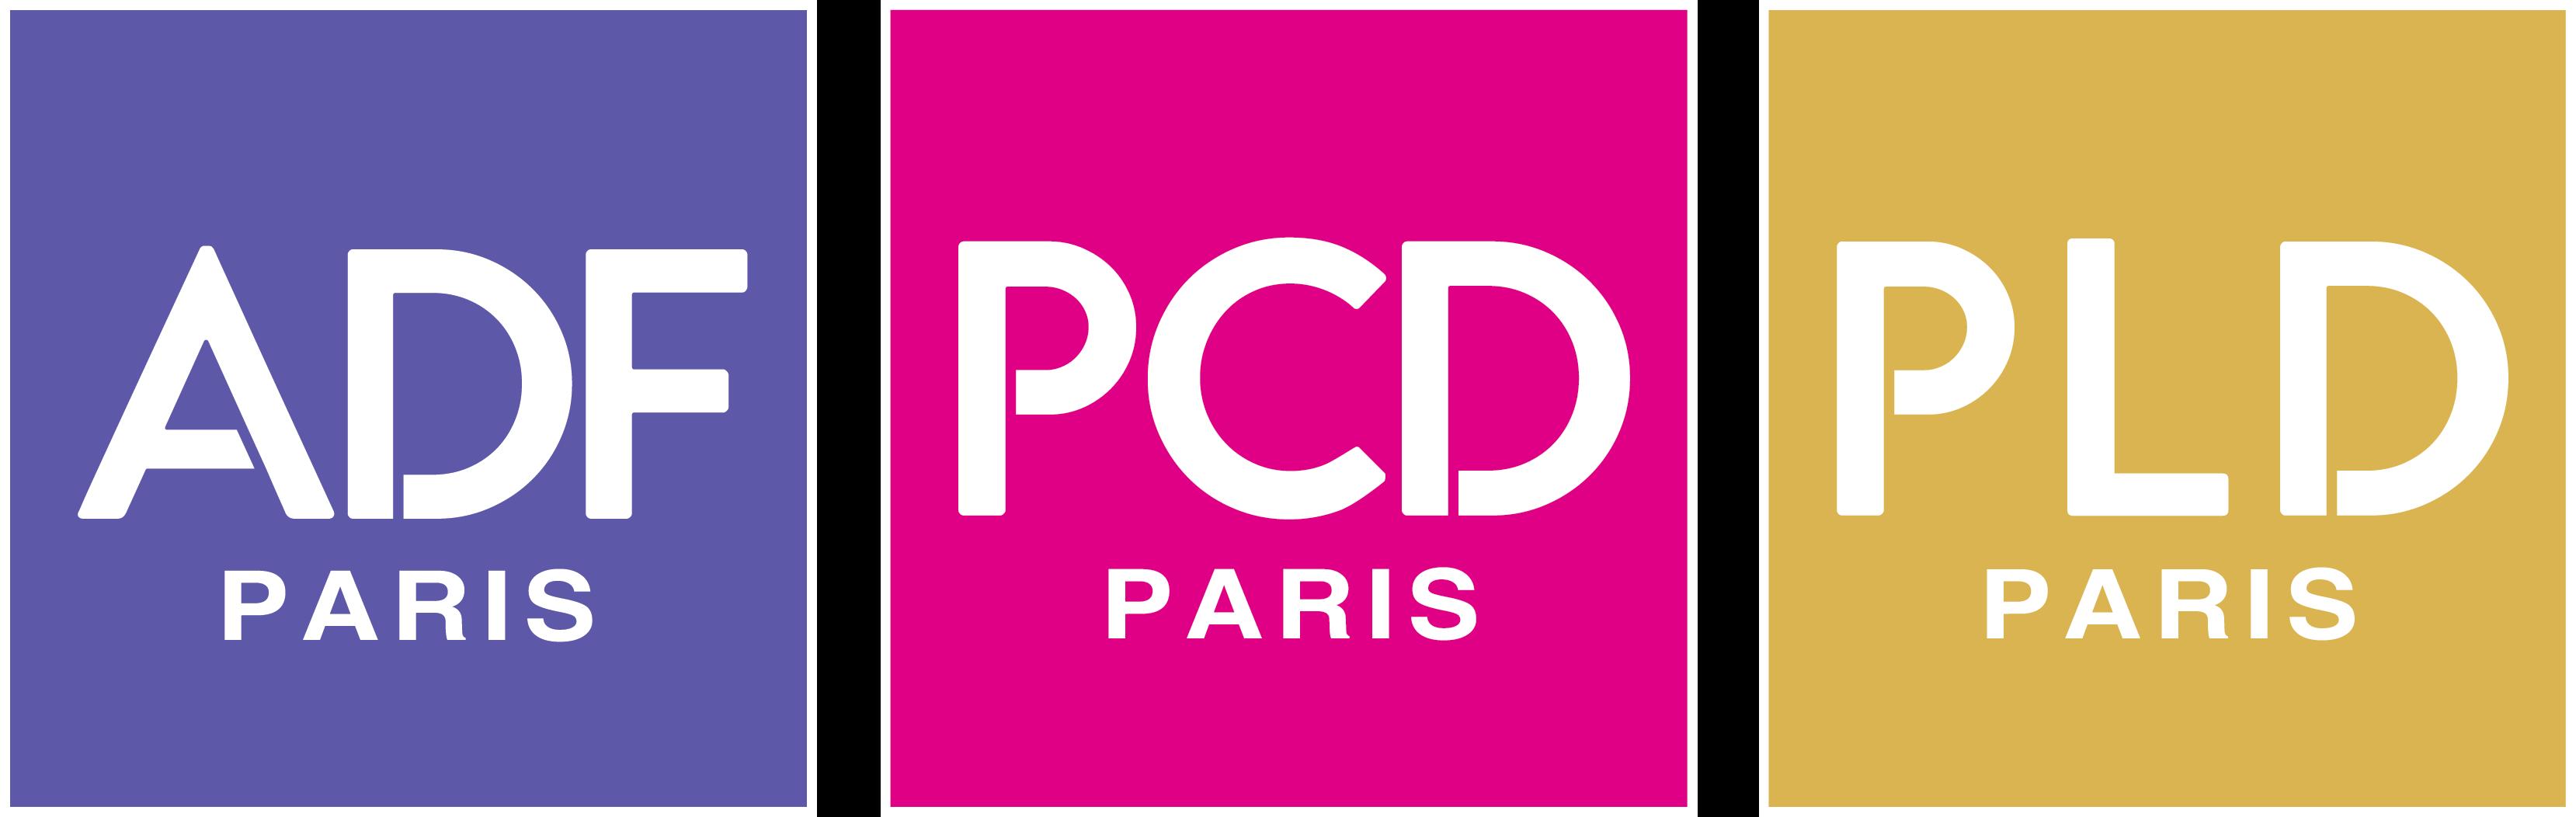 logo ADF/PCD